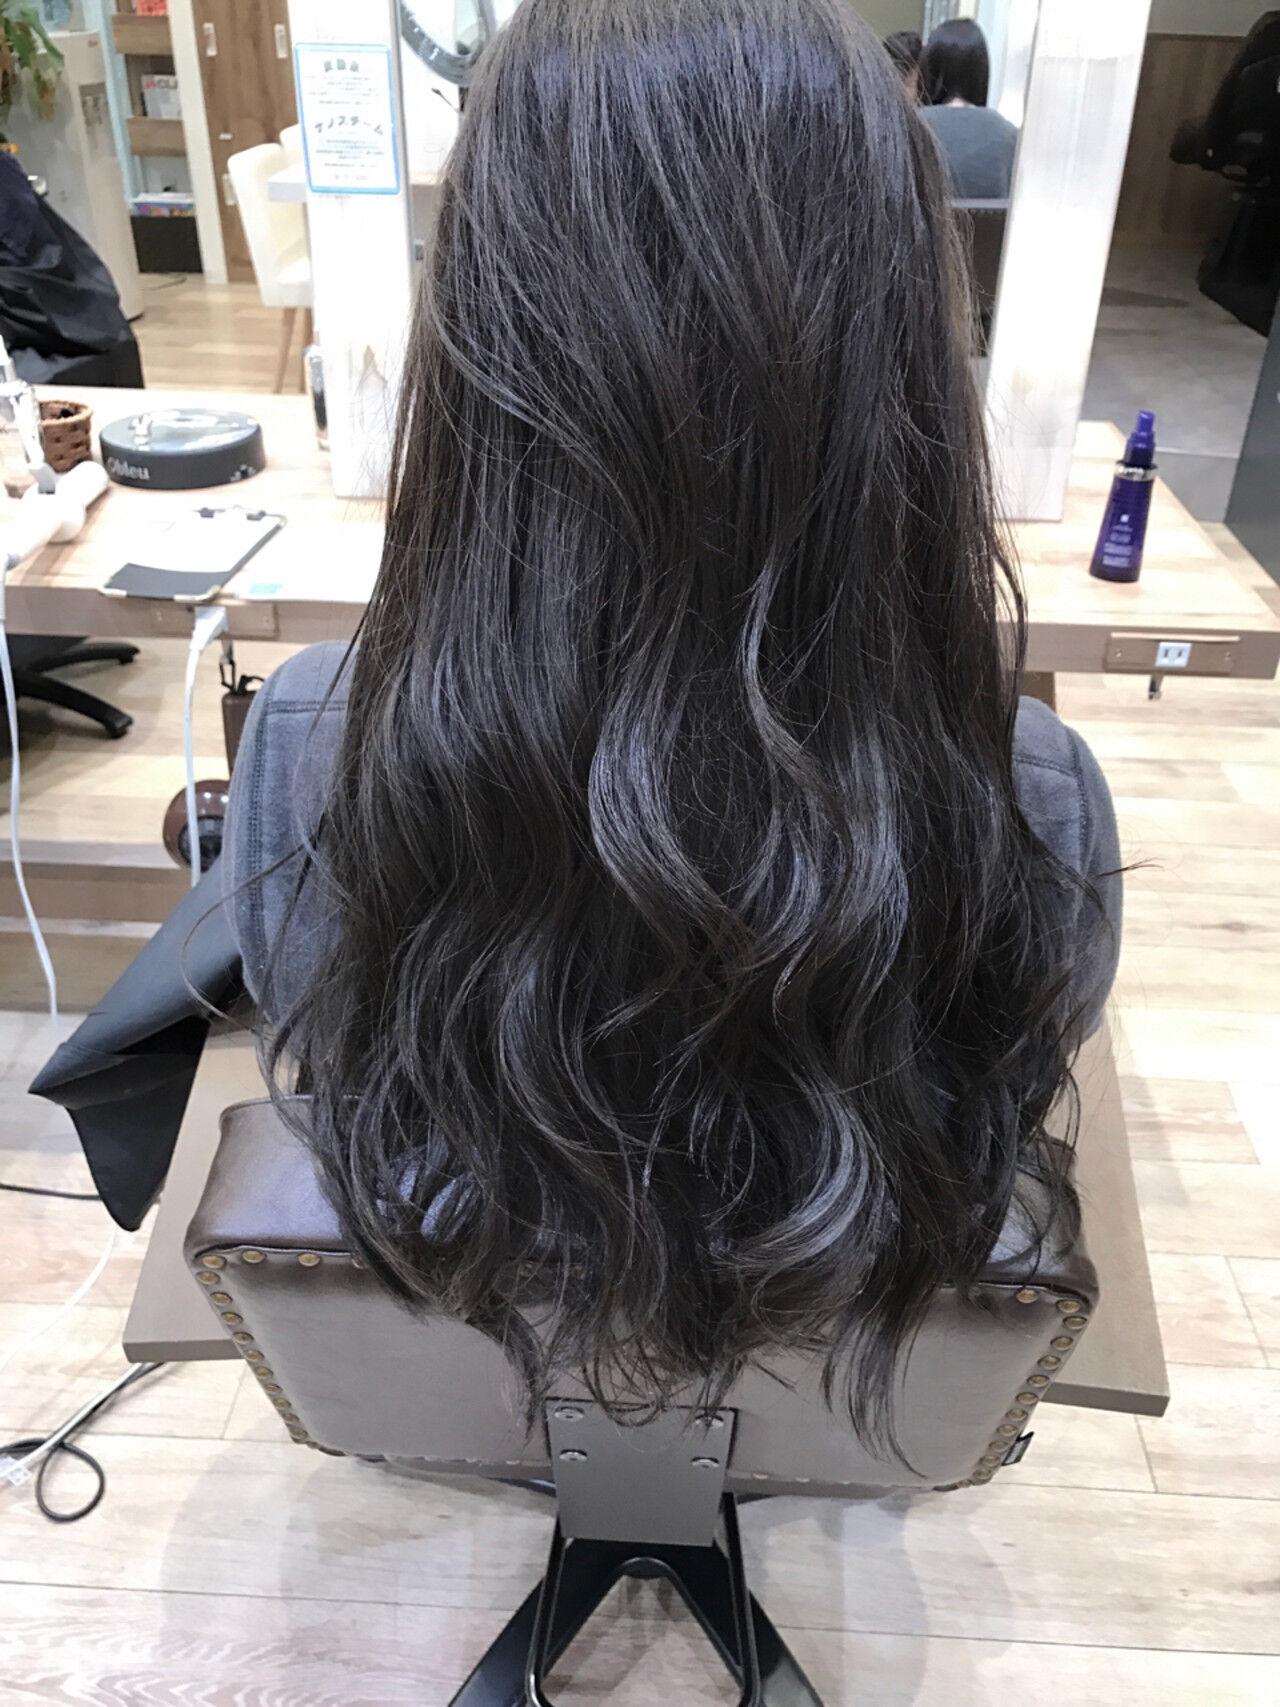 ストリート 暗髪 ロング 大人かわいいヘアスタイルや髪型の写真・画像